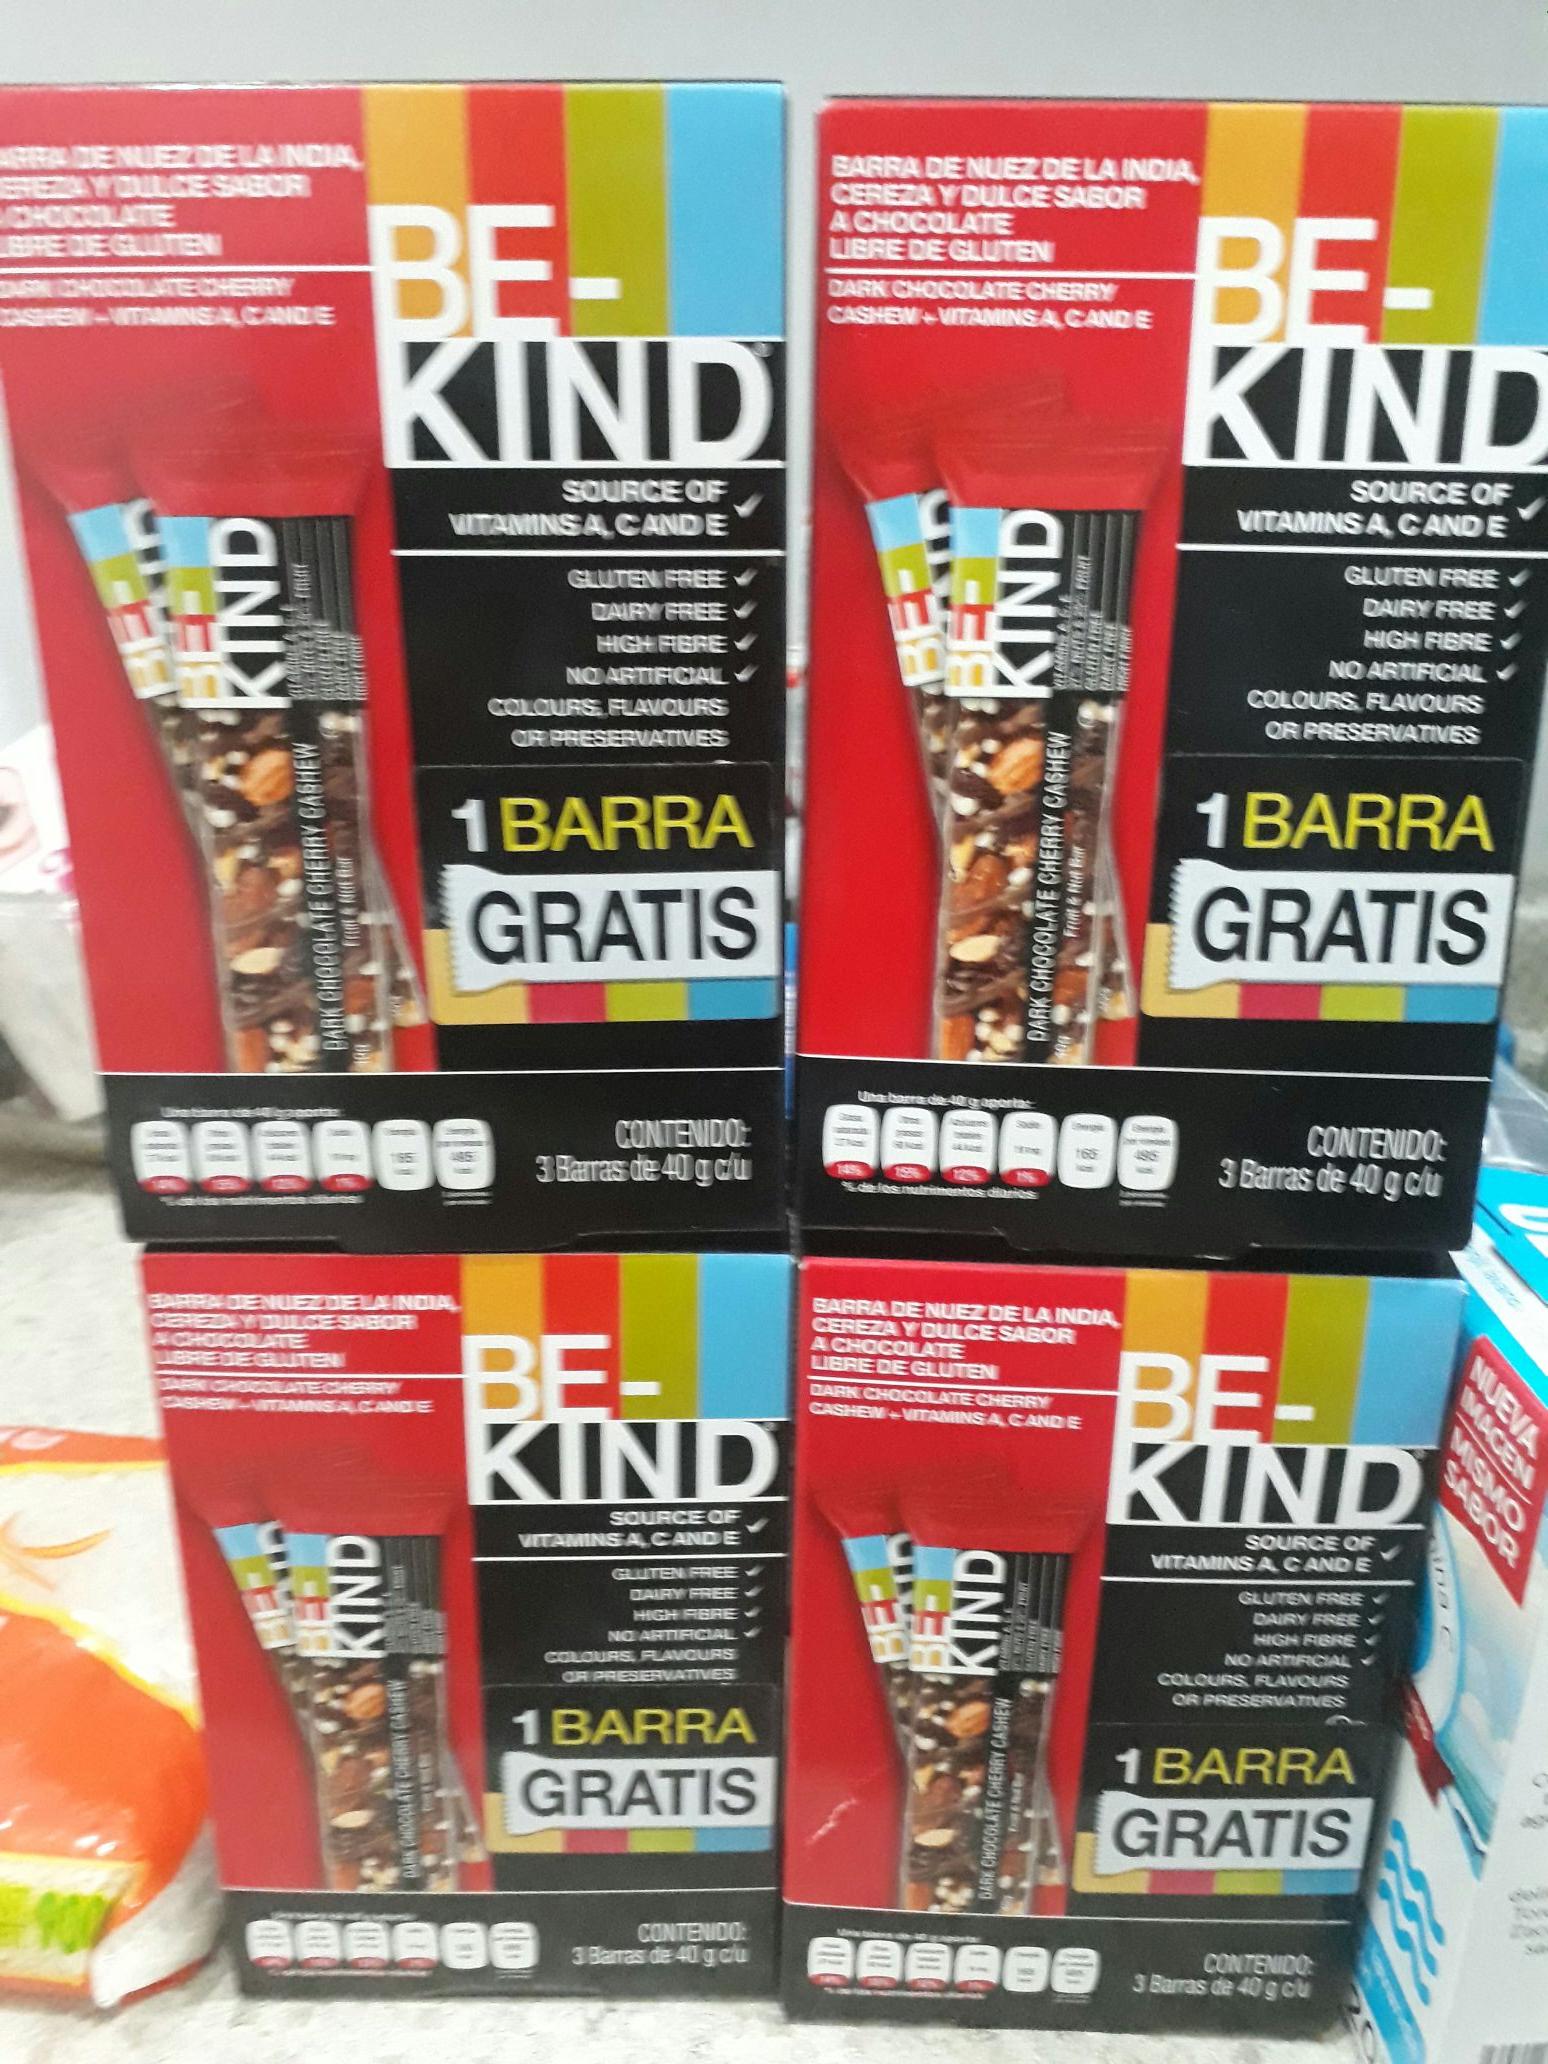 Walmart  Barras con nuez de la India y muchas ofertas  mas